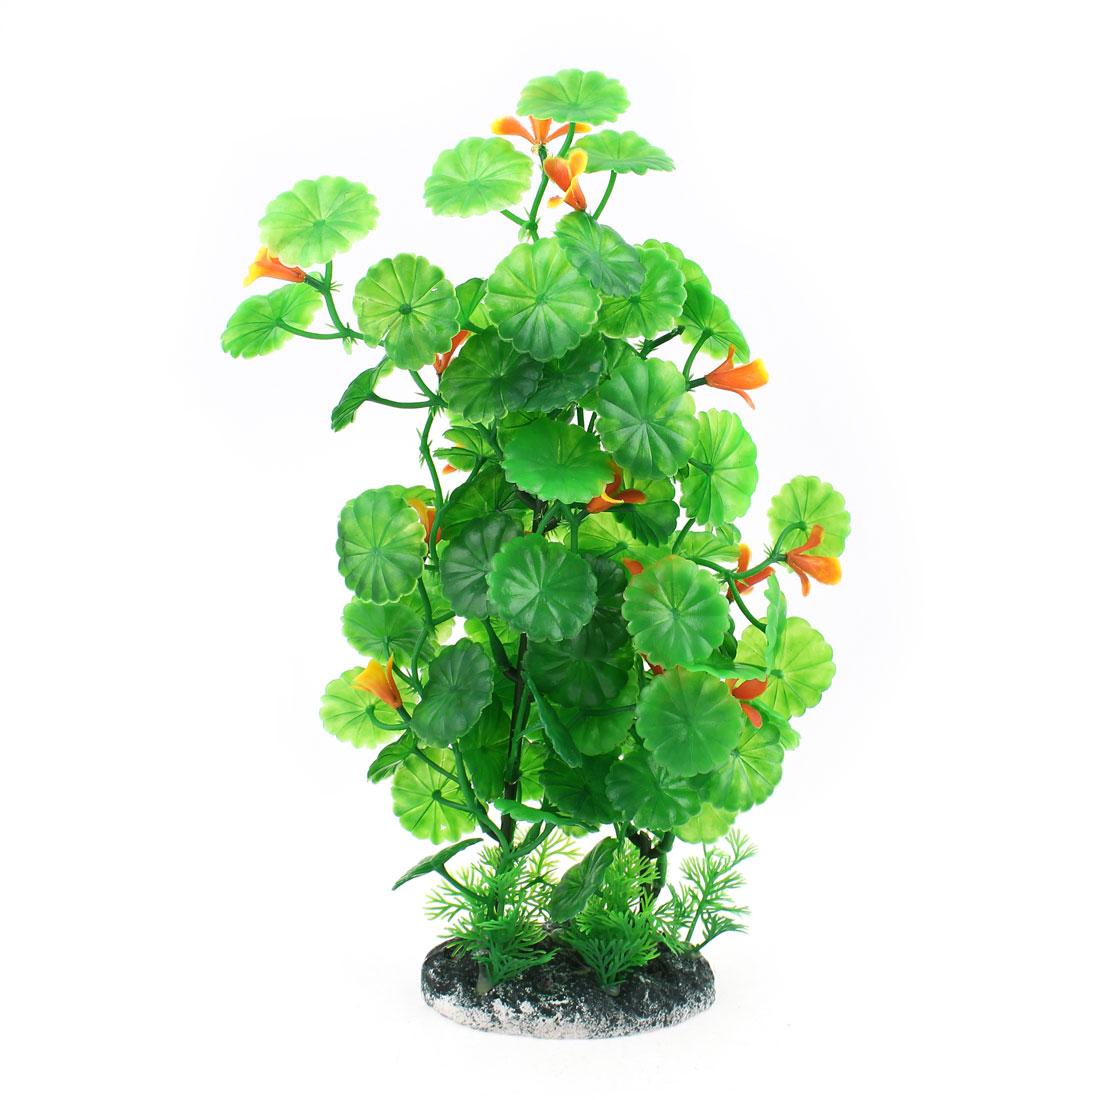 30cm Height Artificial Plastic Orange Bud Green Grass Plant for Aquarium